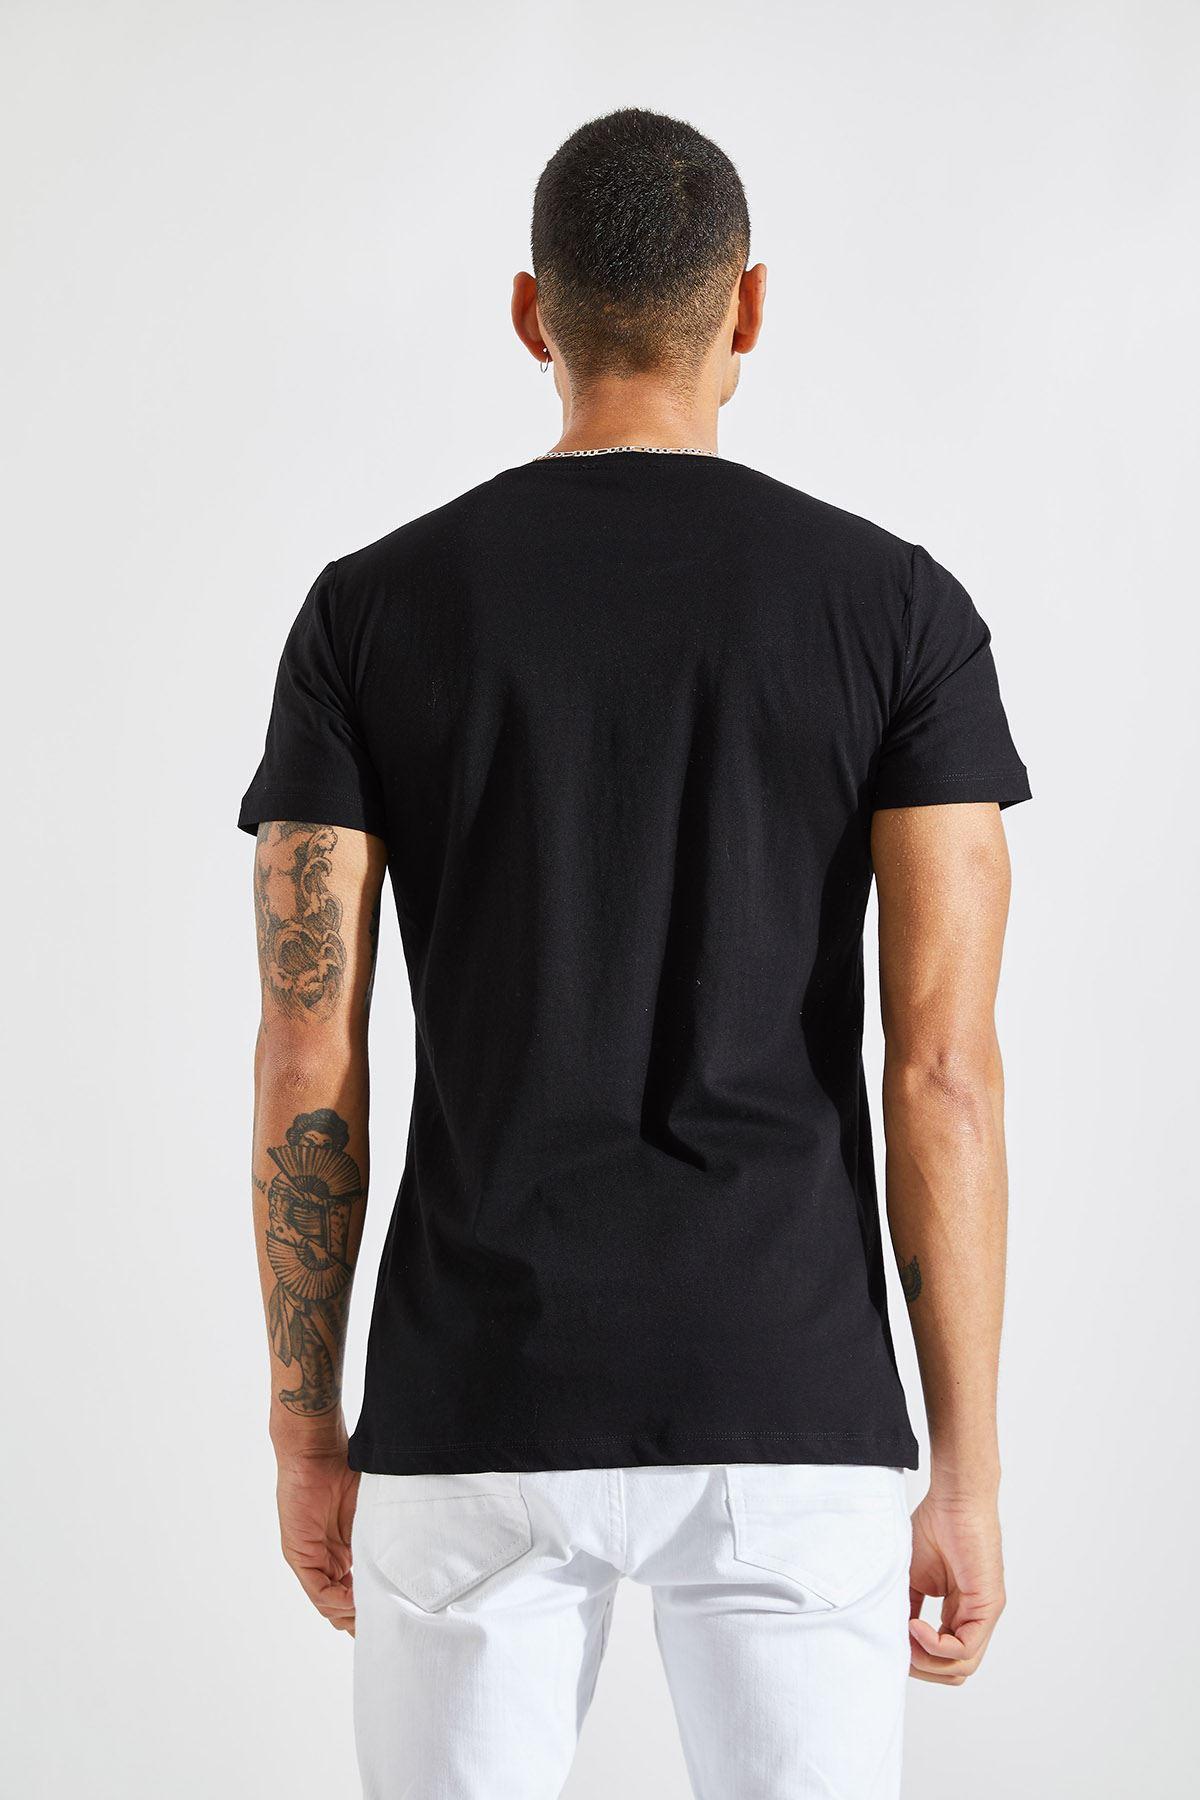 Erkek Towards Baskılı Siyah Tişört